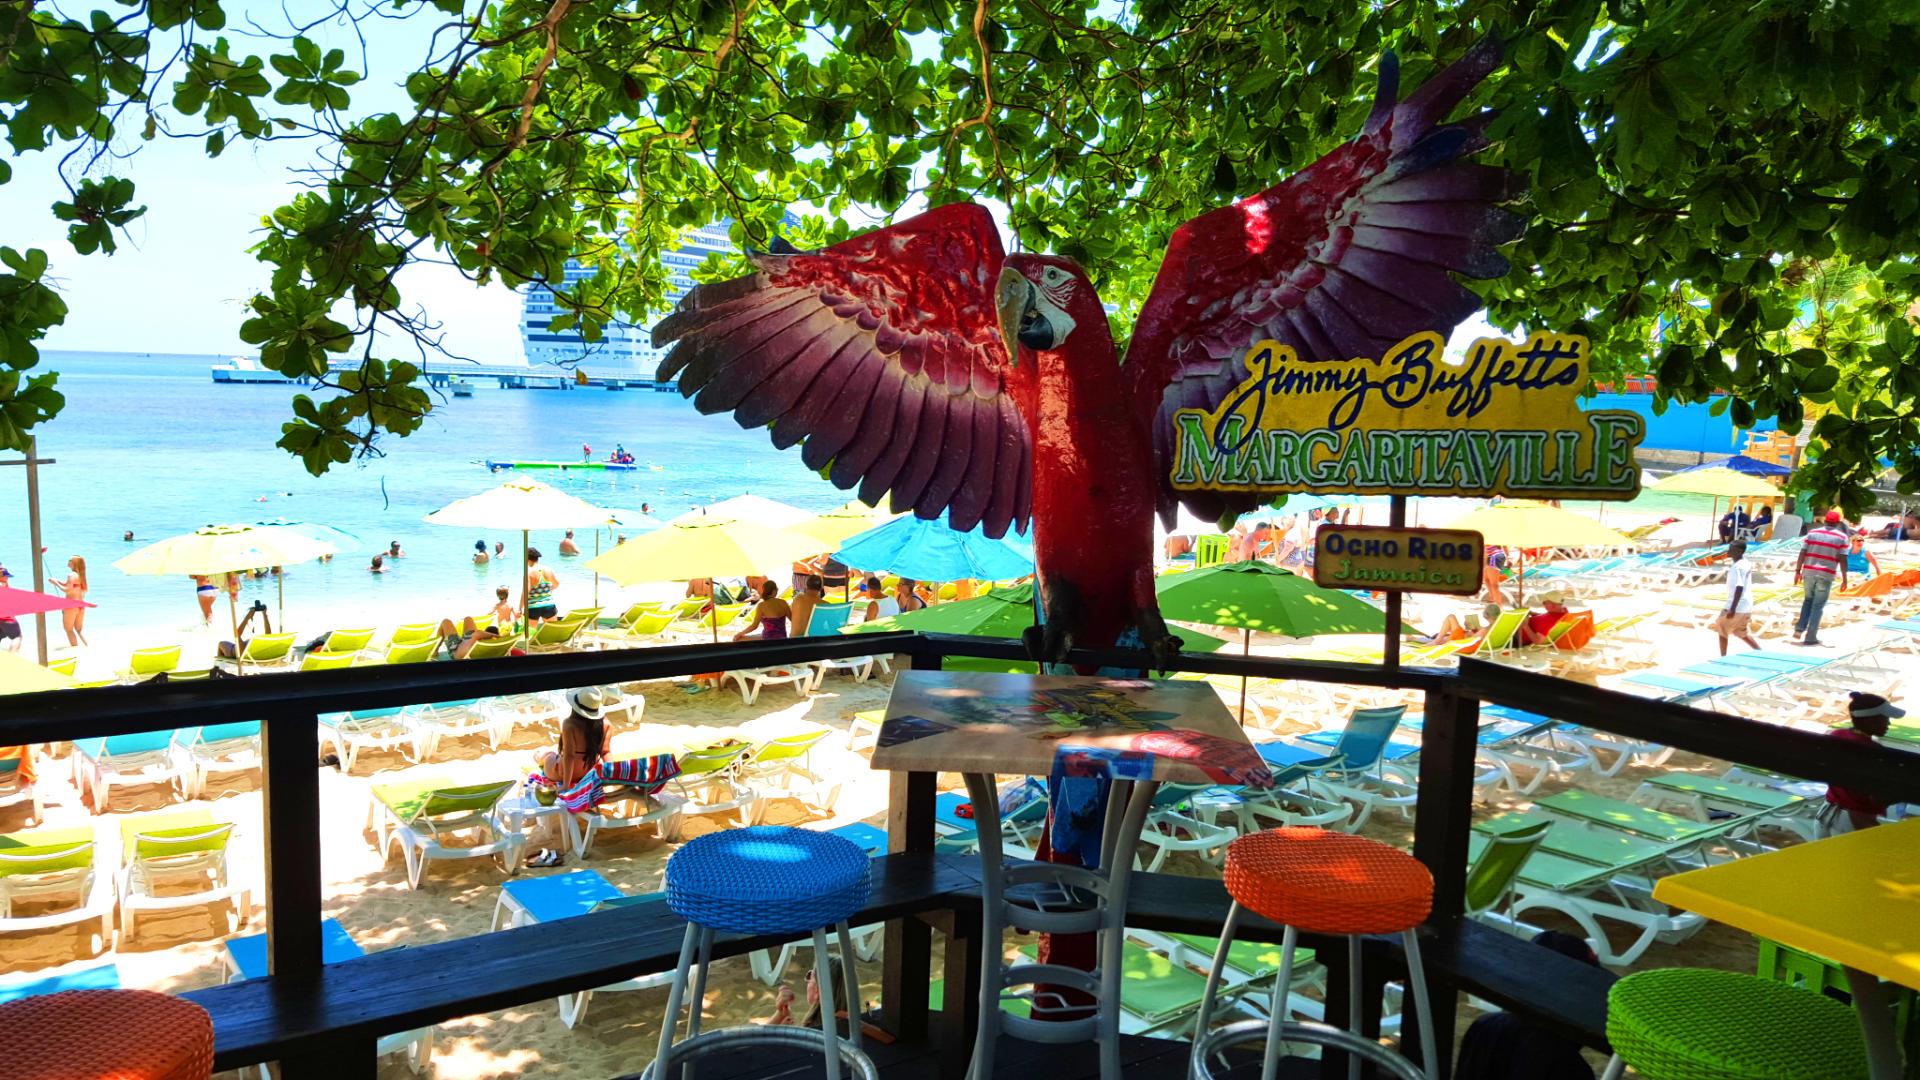 Jimmy Buffet's Margaritaville Ocho Rios